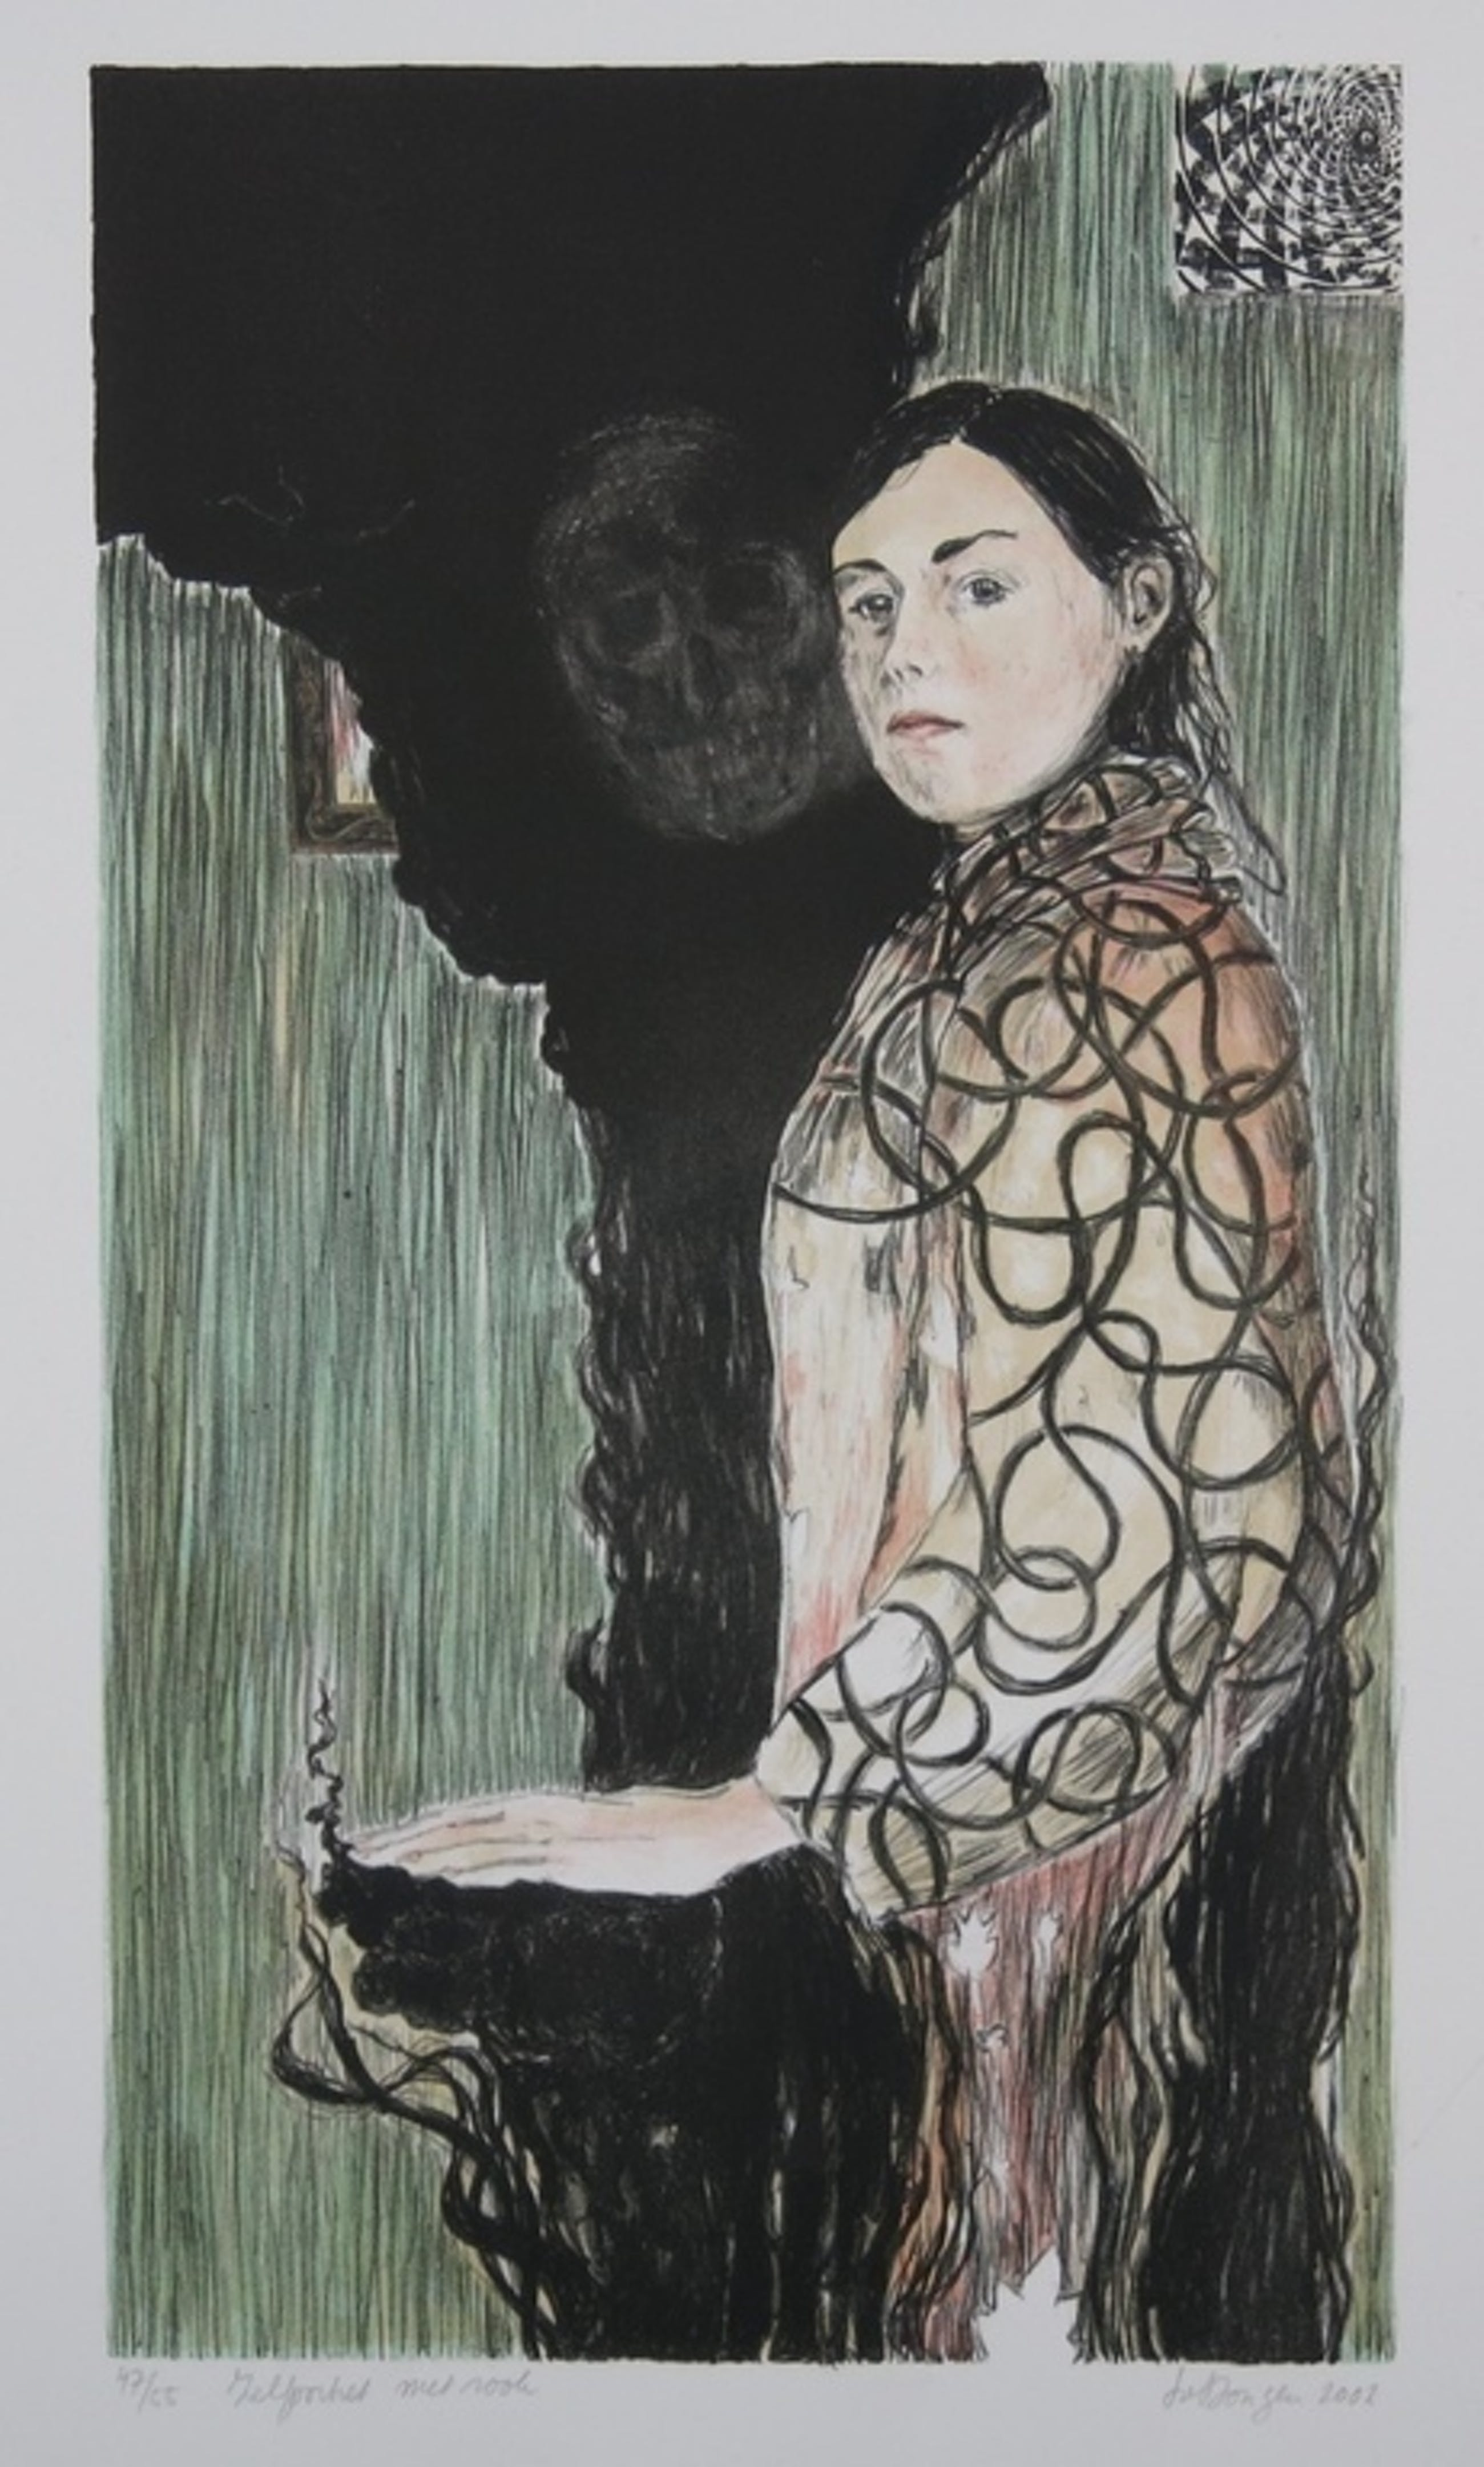 Iris van Dongen: Litho, Zelfportret met rook kopen? Bied vanaf 35!